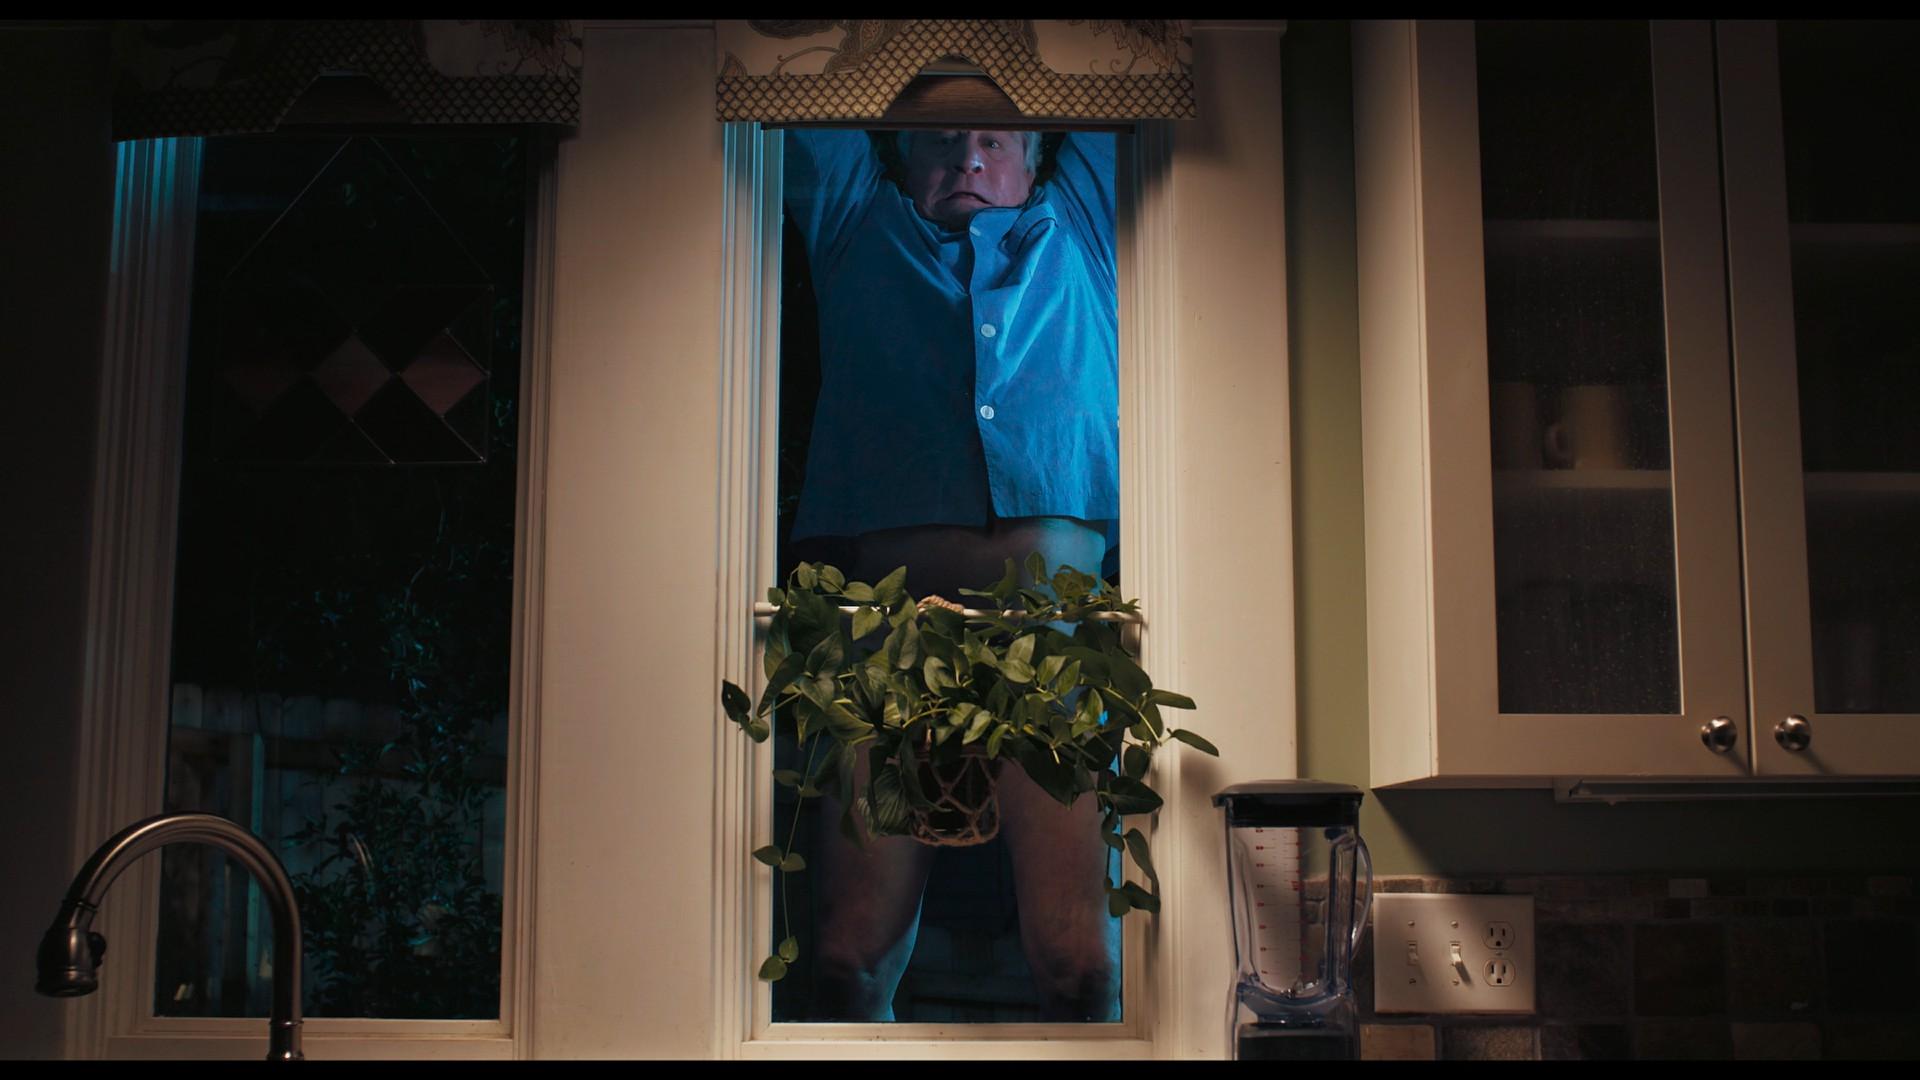 《阿公當家》真蛇入鏡整很大 勞勃狄尼洛兩度露鳥嚇壞女婿!